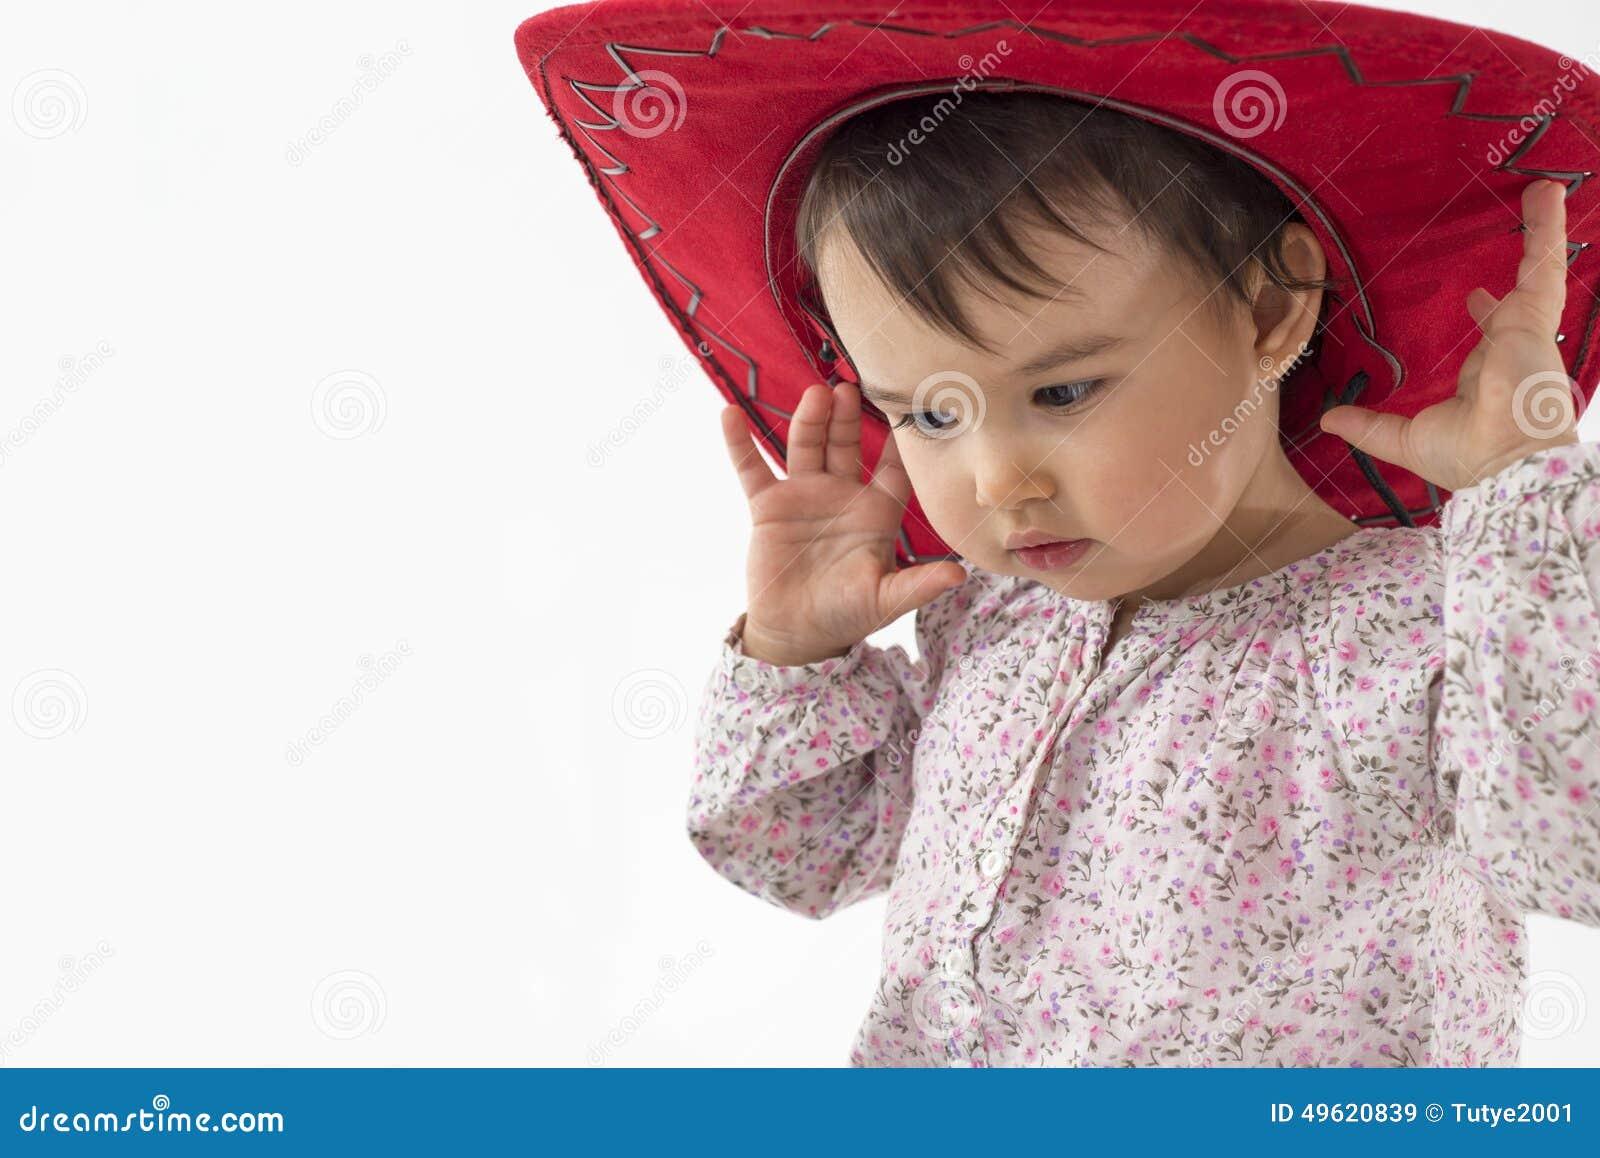 Bambina Con Il Cappello Da Cowboy Rosso Isolato Su Bianco Immagine ... 8d9fd677ee2e